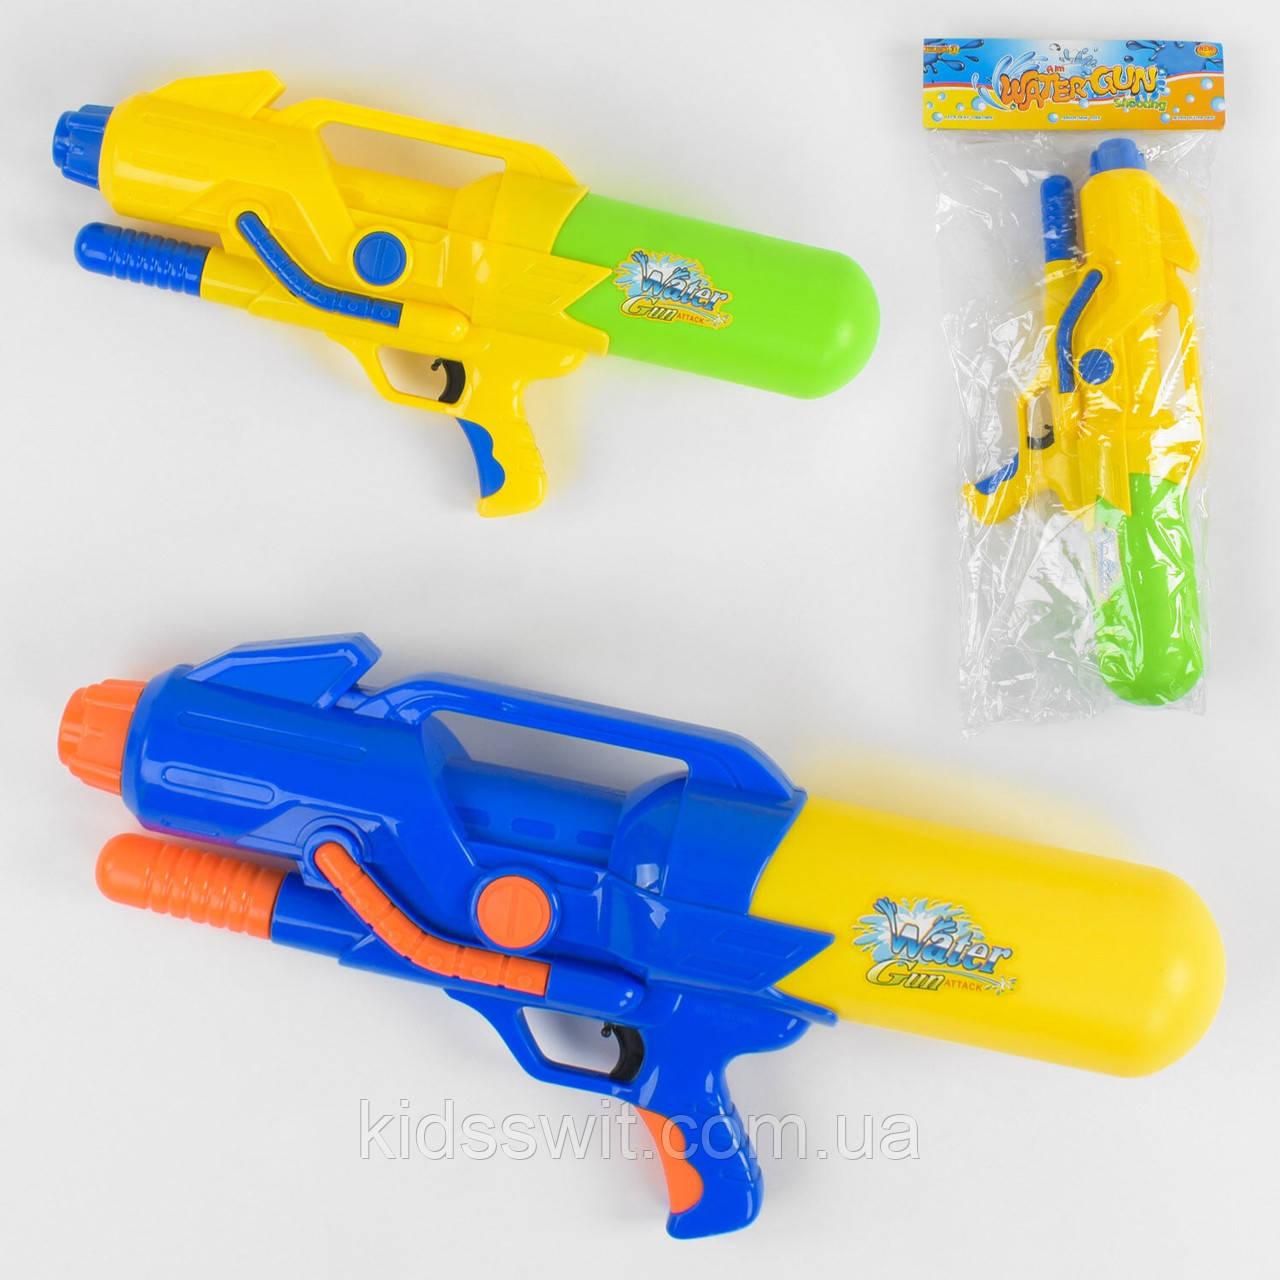 Водяний пістолет, з насосом, 2 кольори, A 157